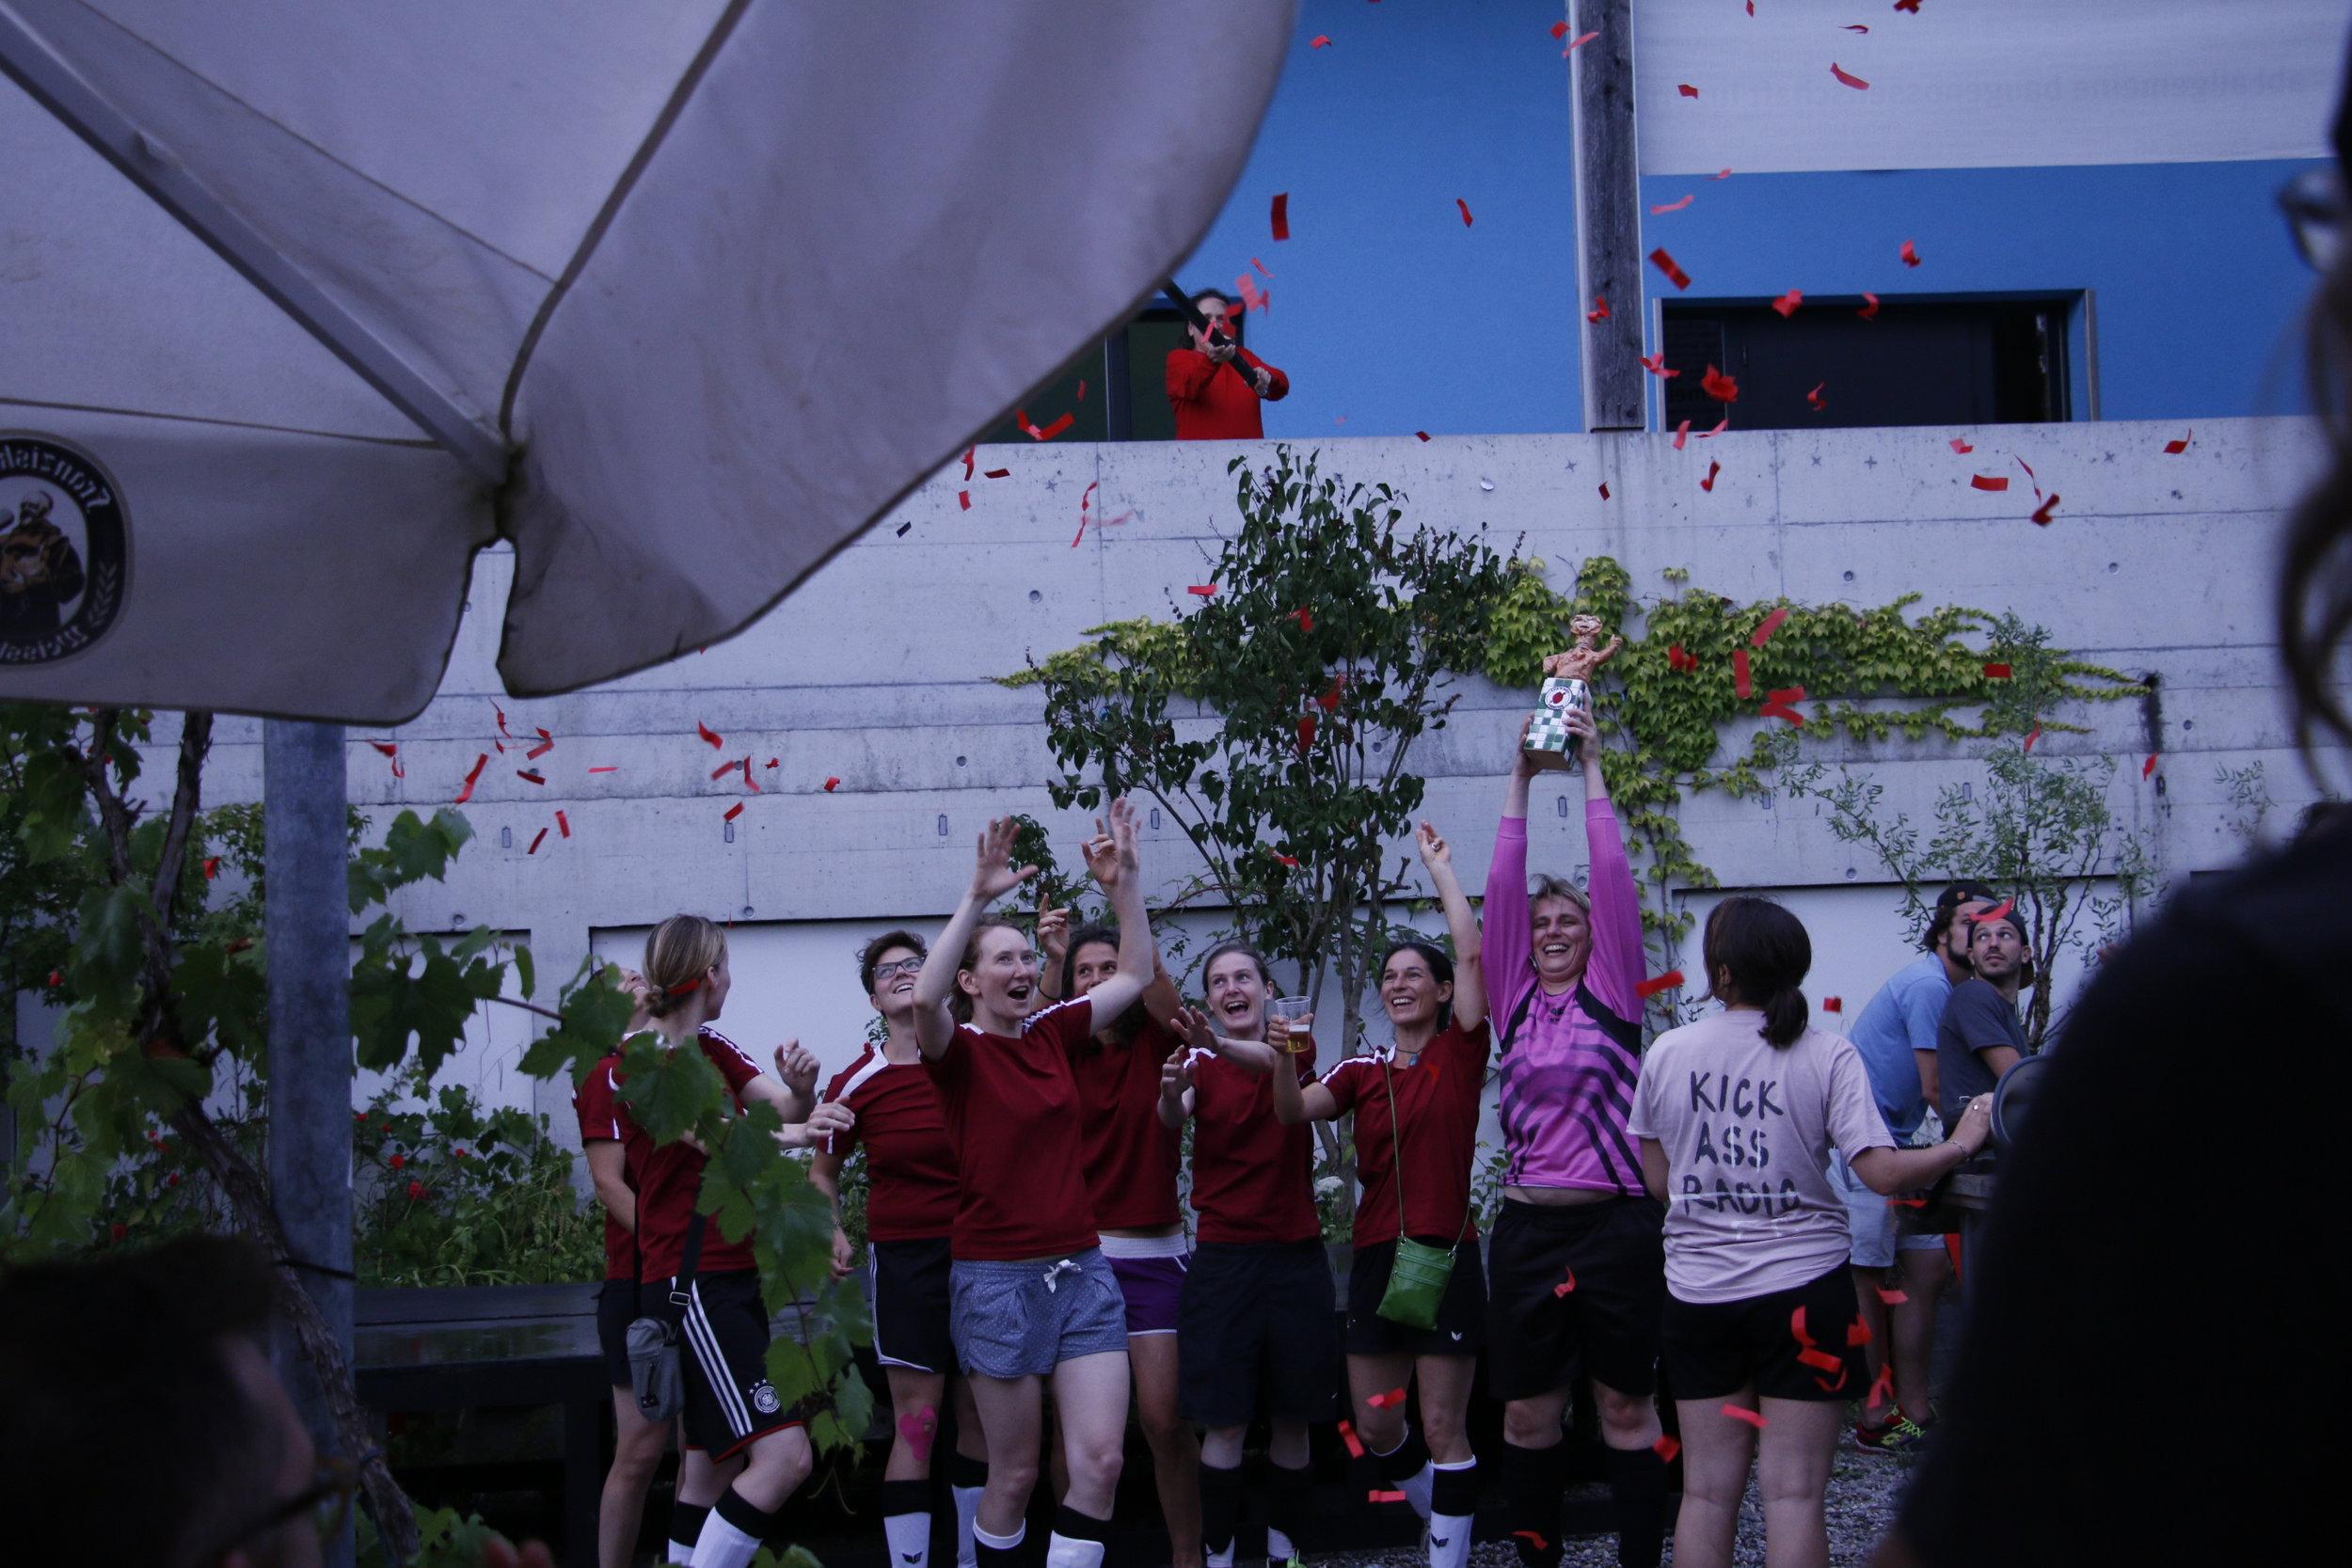 FC Ballerinas